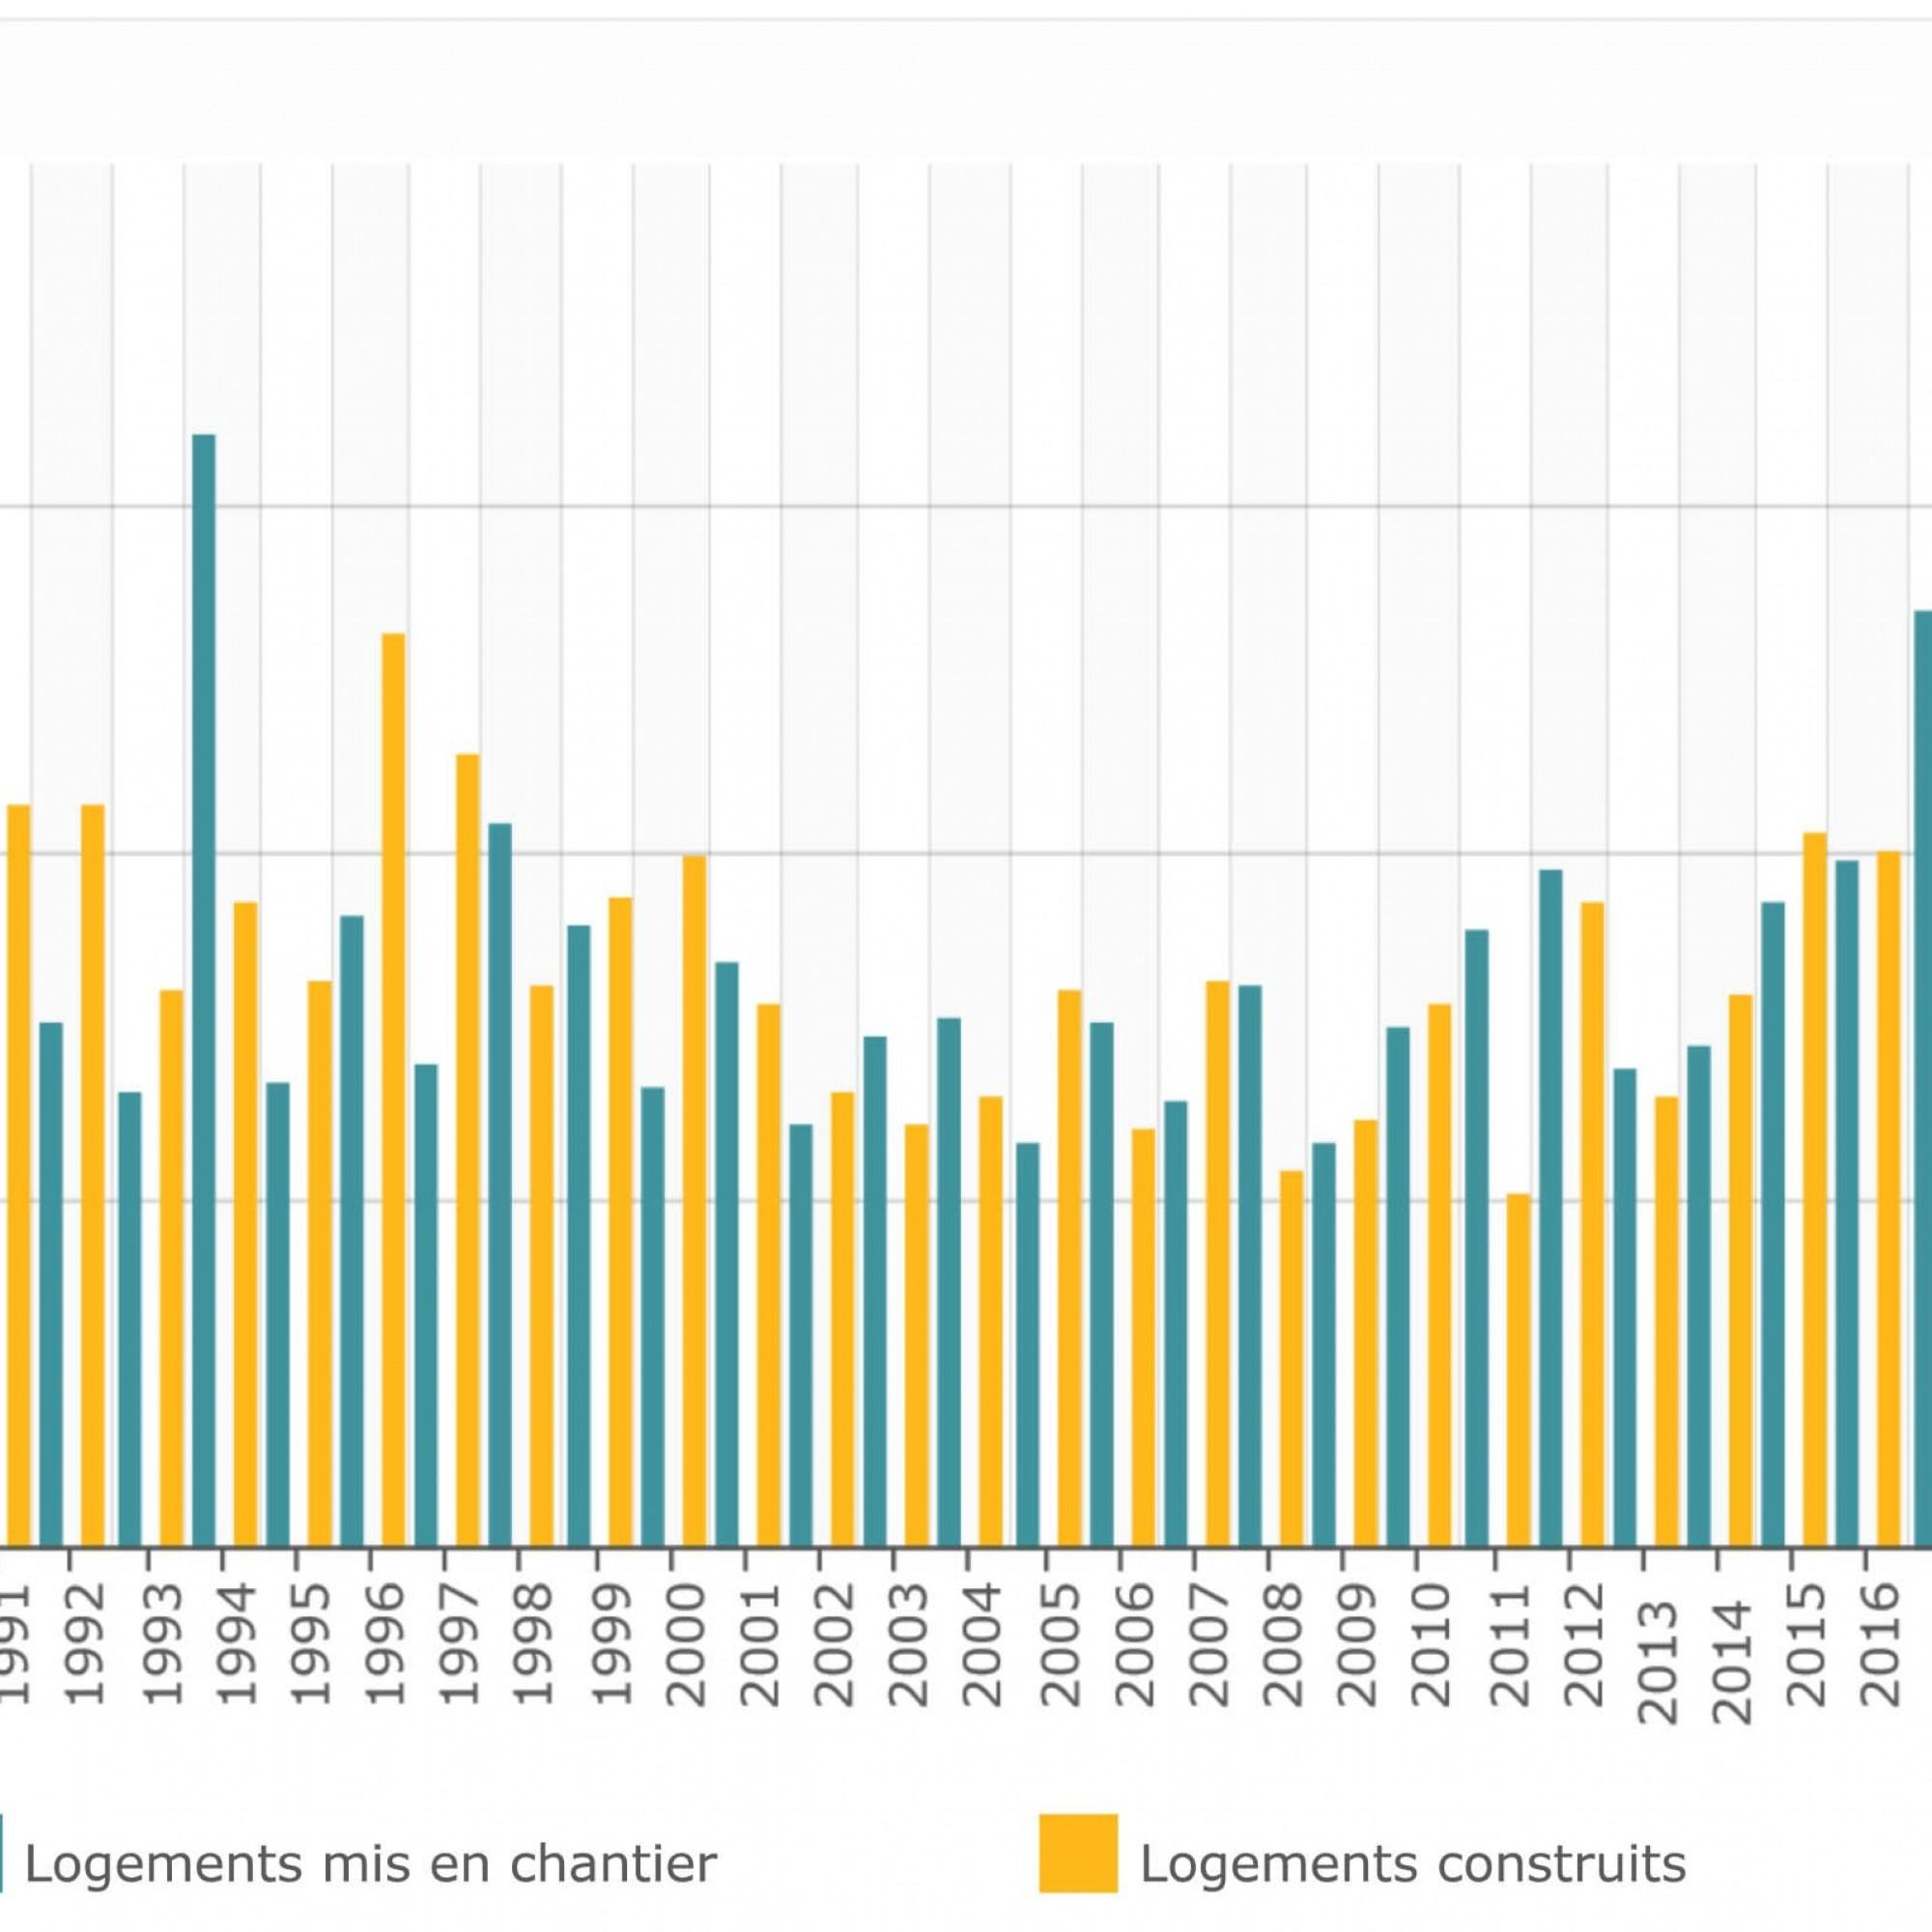 Logements neufs mis en chantier et logements construits, dans le canton de Genève, depuis 1990.